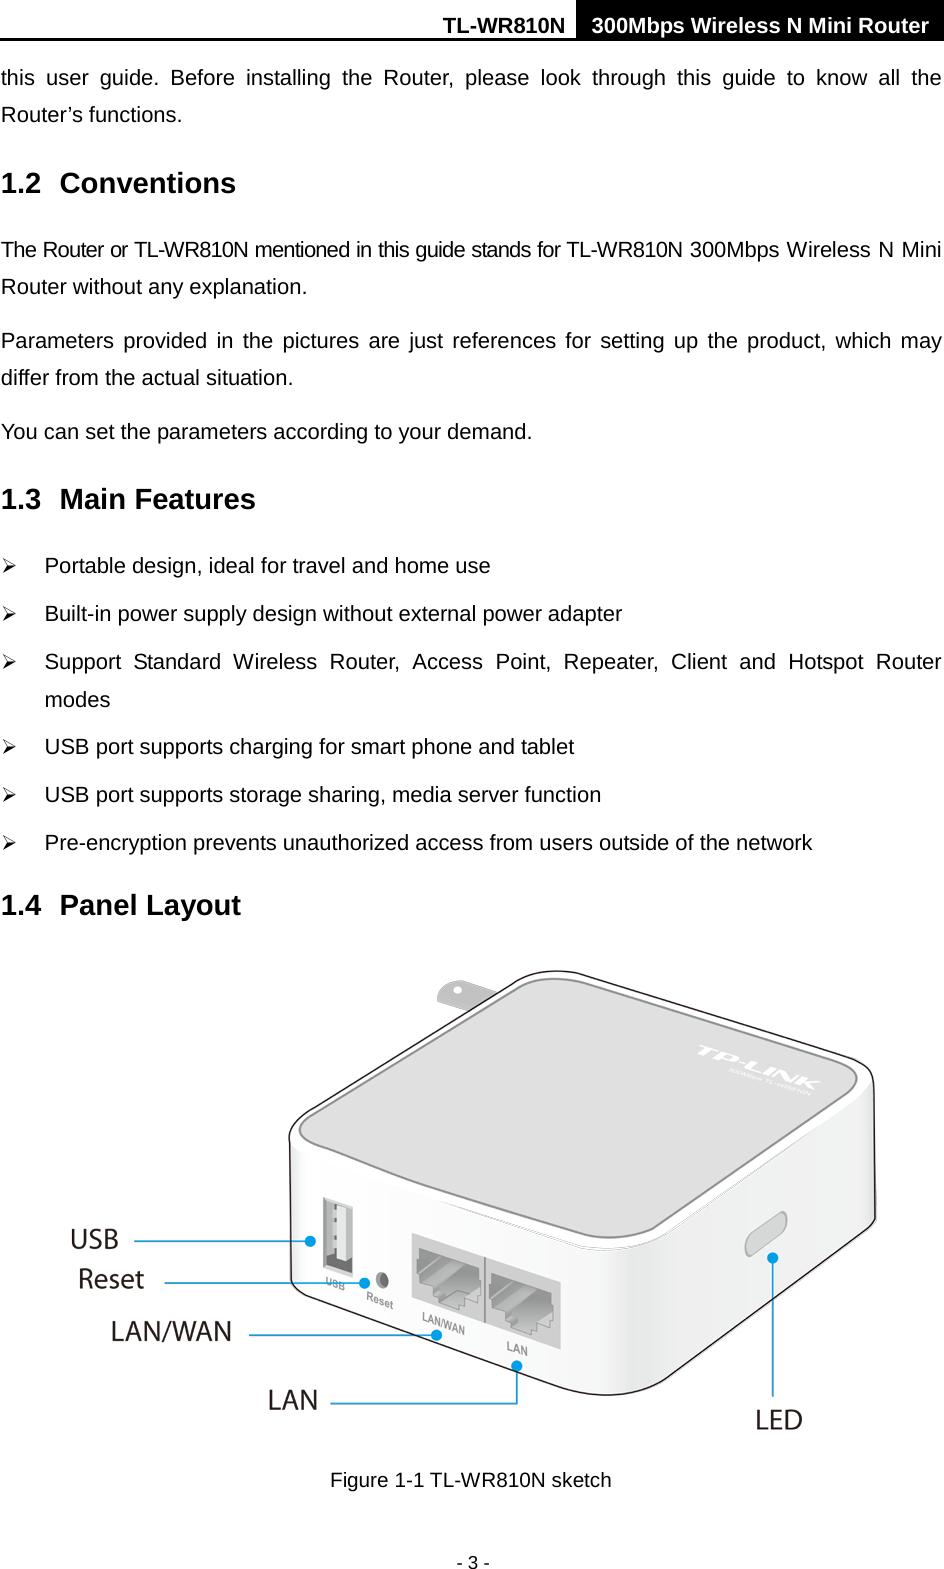 tp link ap200 manual pdf